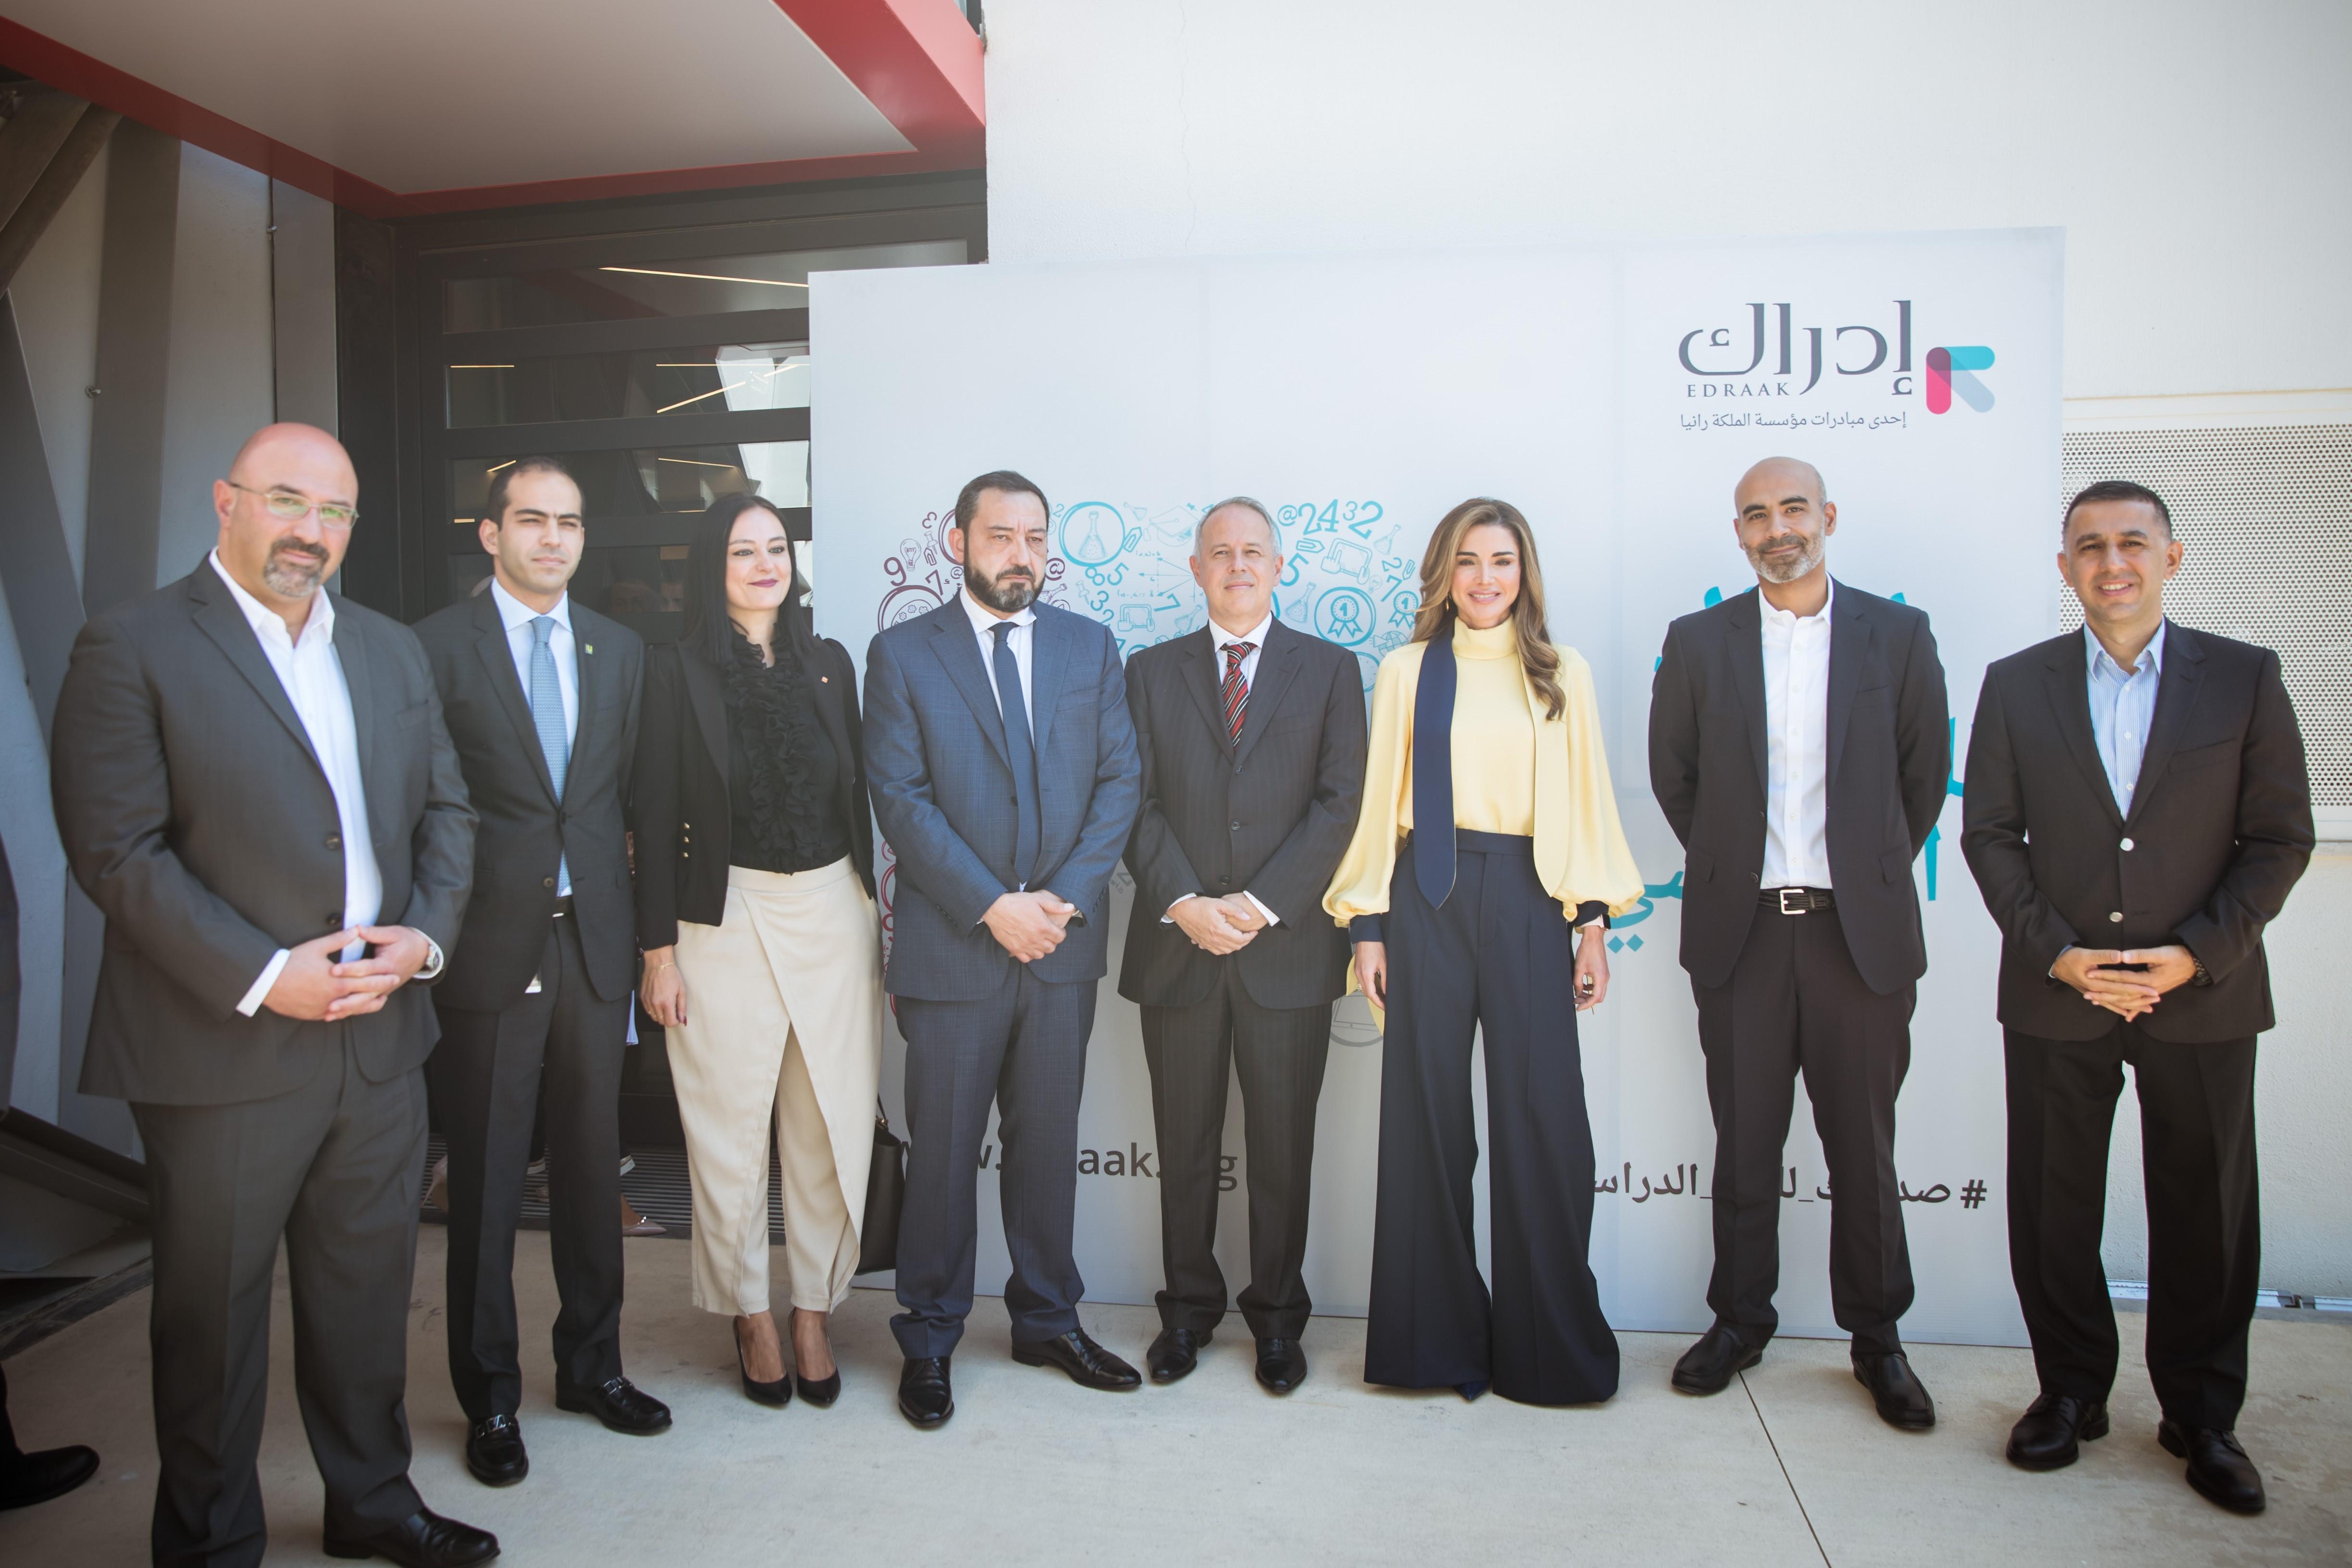 الملكة رانيا تطلق منصة تعاون جديدة بين منصة إدراك وشركات الإتصالات في الأردن